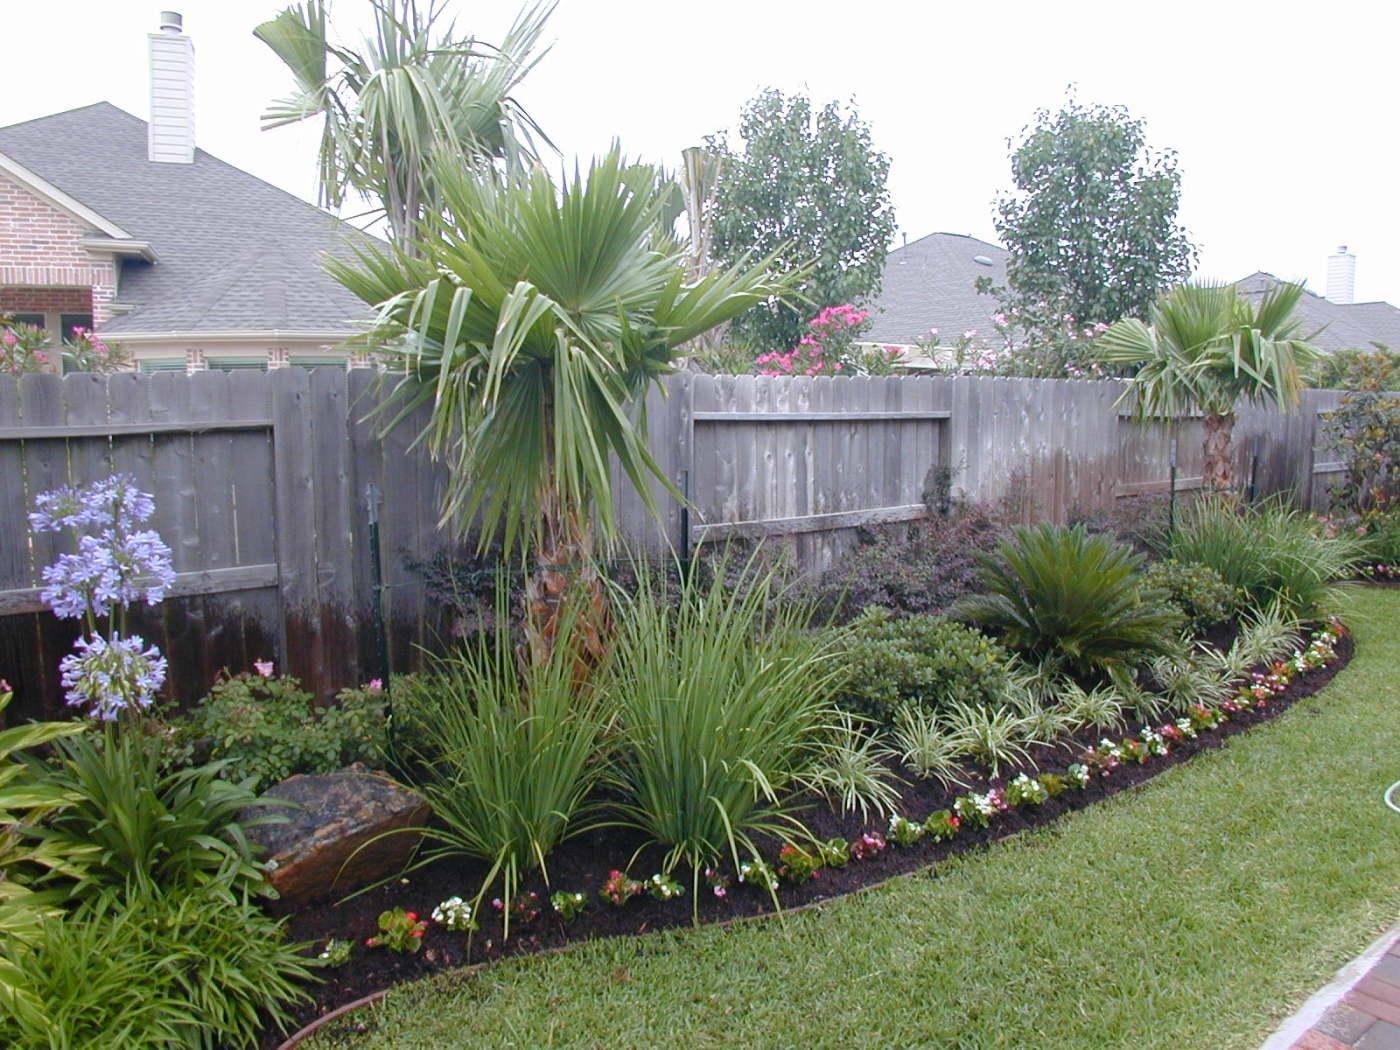 outdoor garden design ideas photo - 10